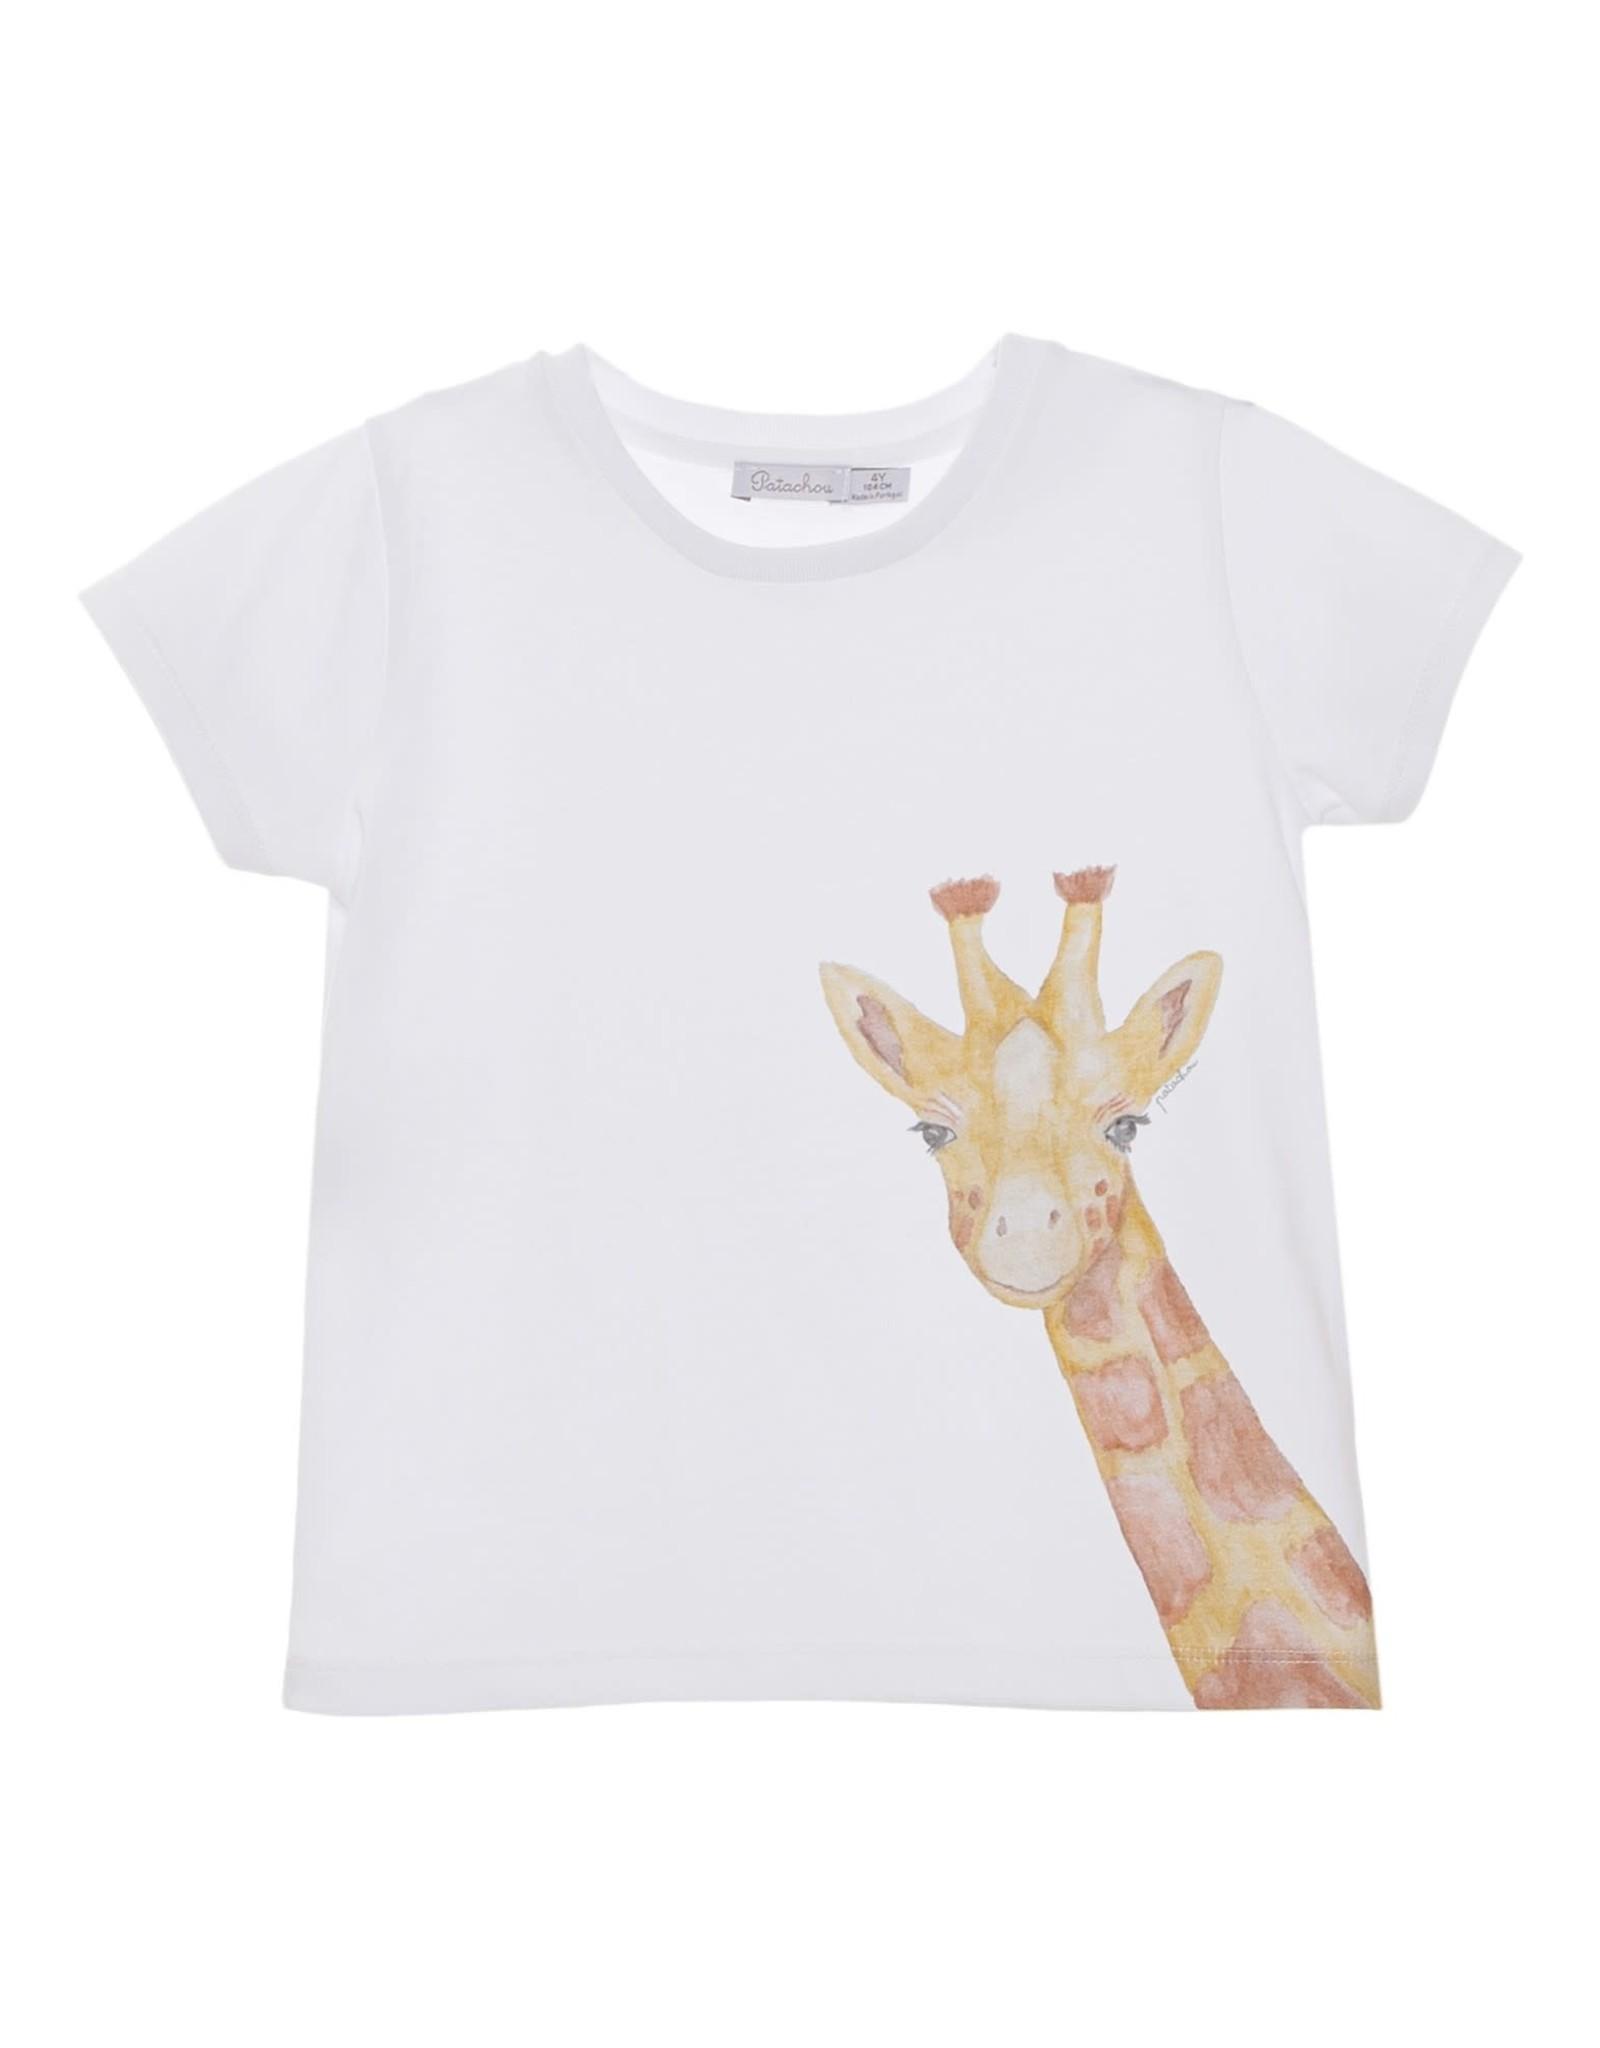 PATACHOU PATACHOU boy t-shirt 3233632/000